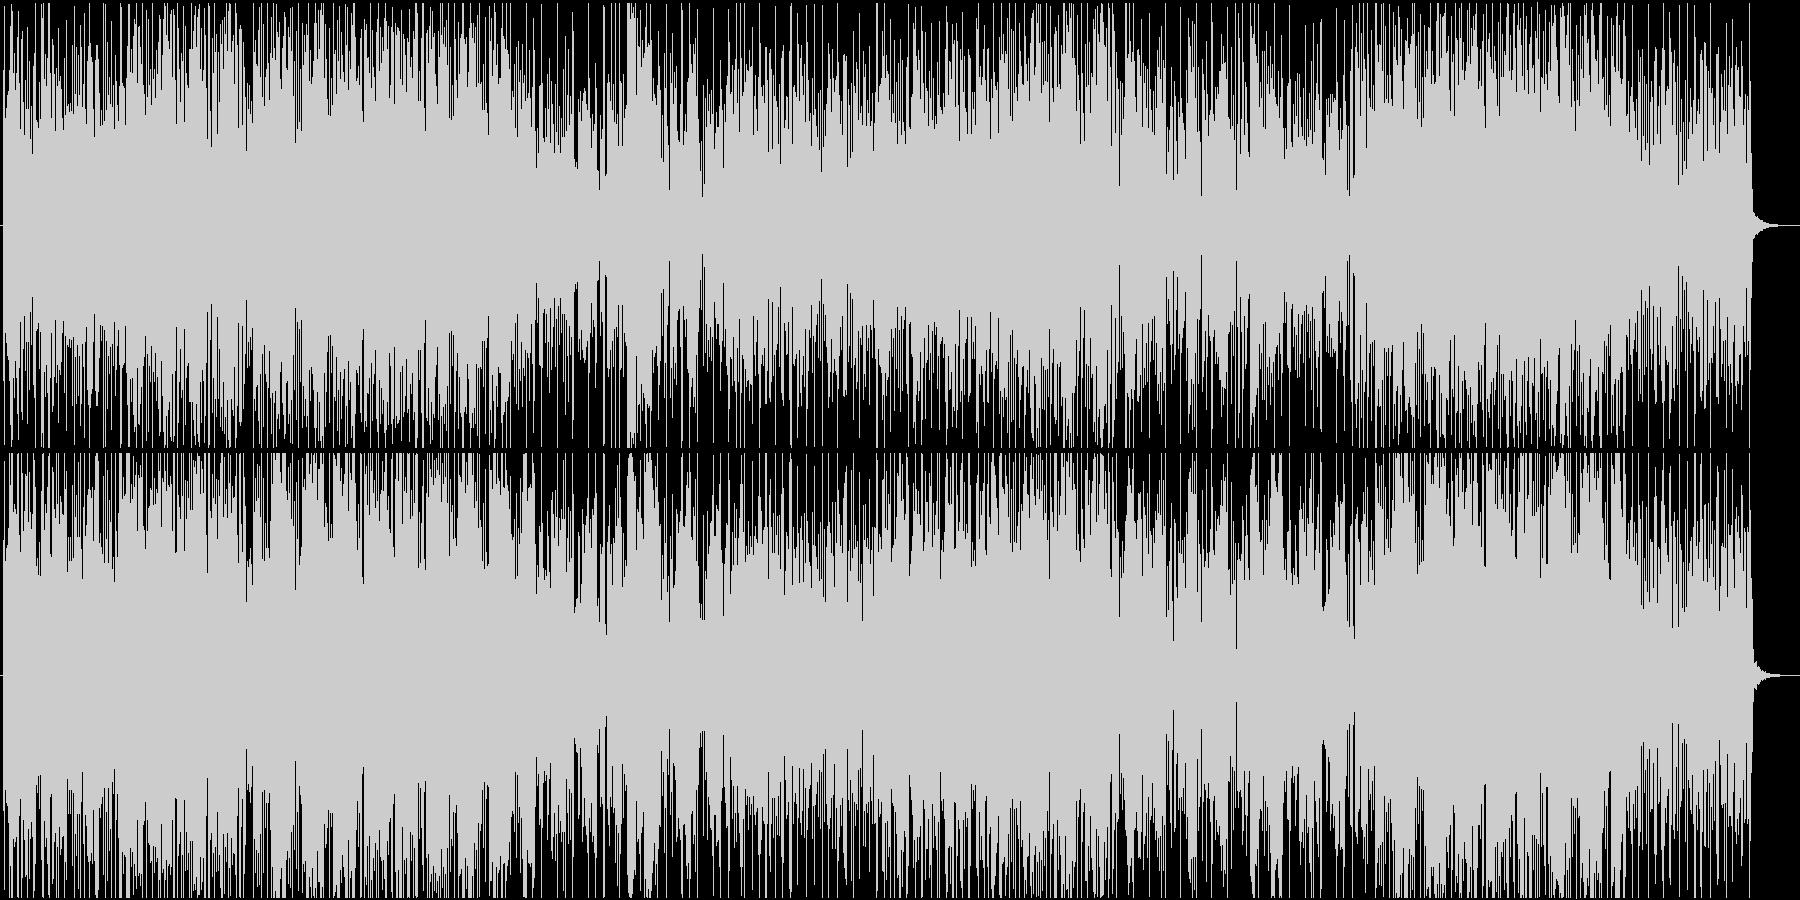 ミステリアスな雰囲気の怪しいシンセ曲の未再生の波形